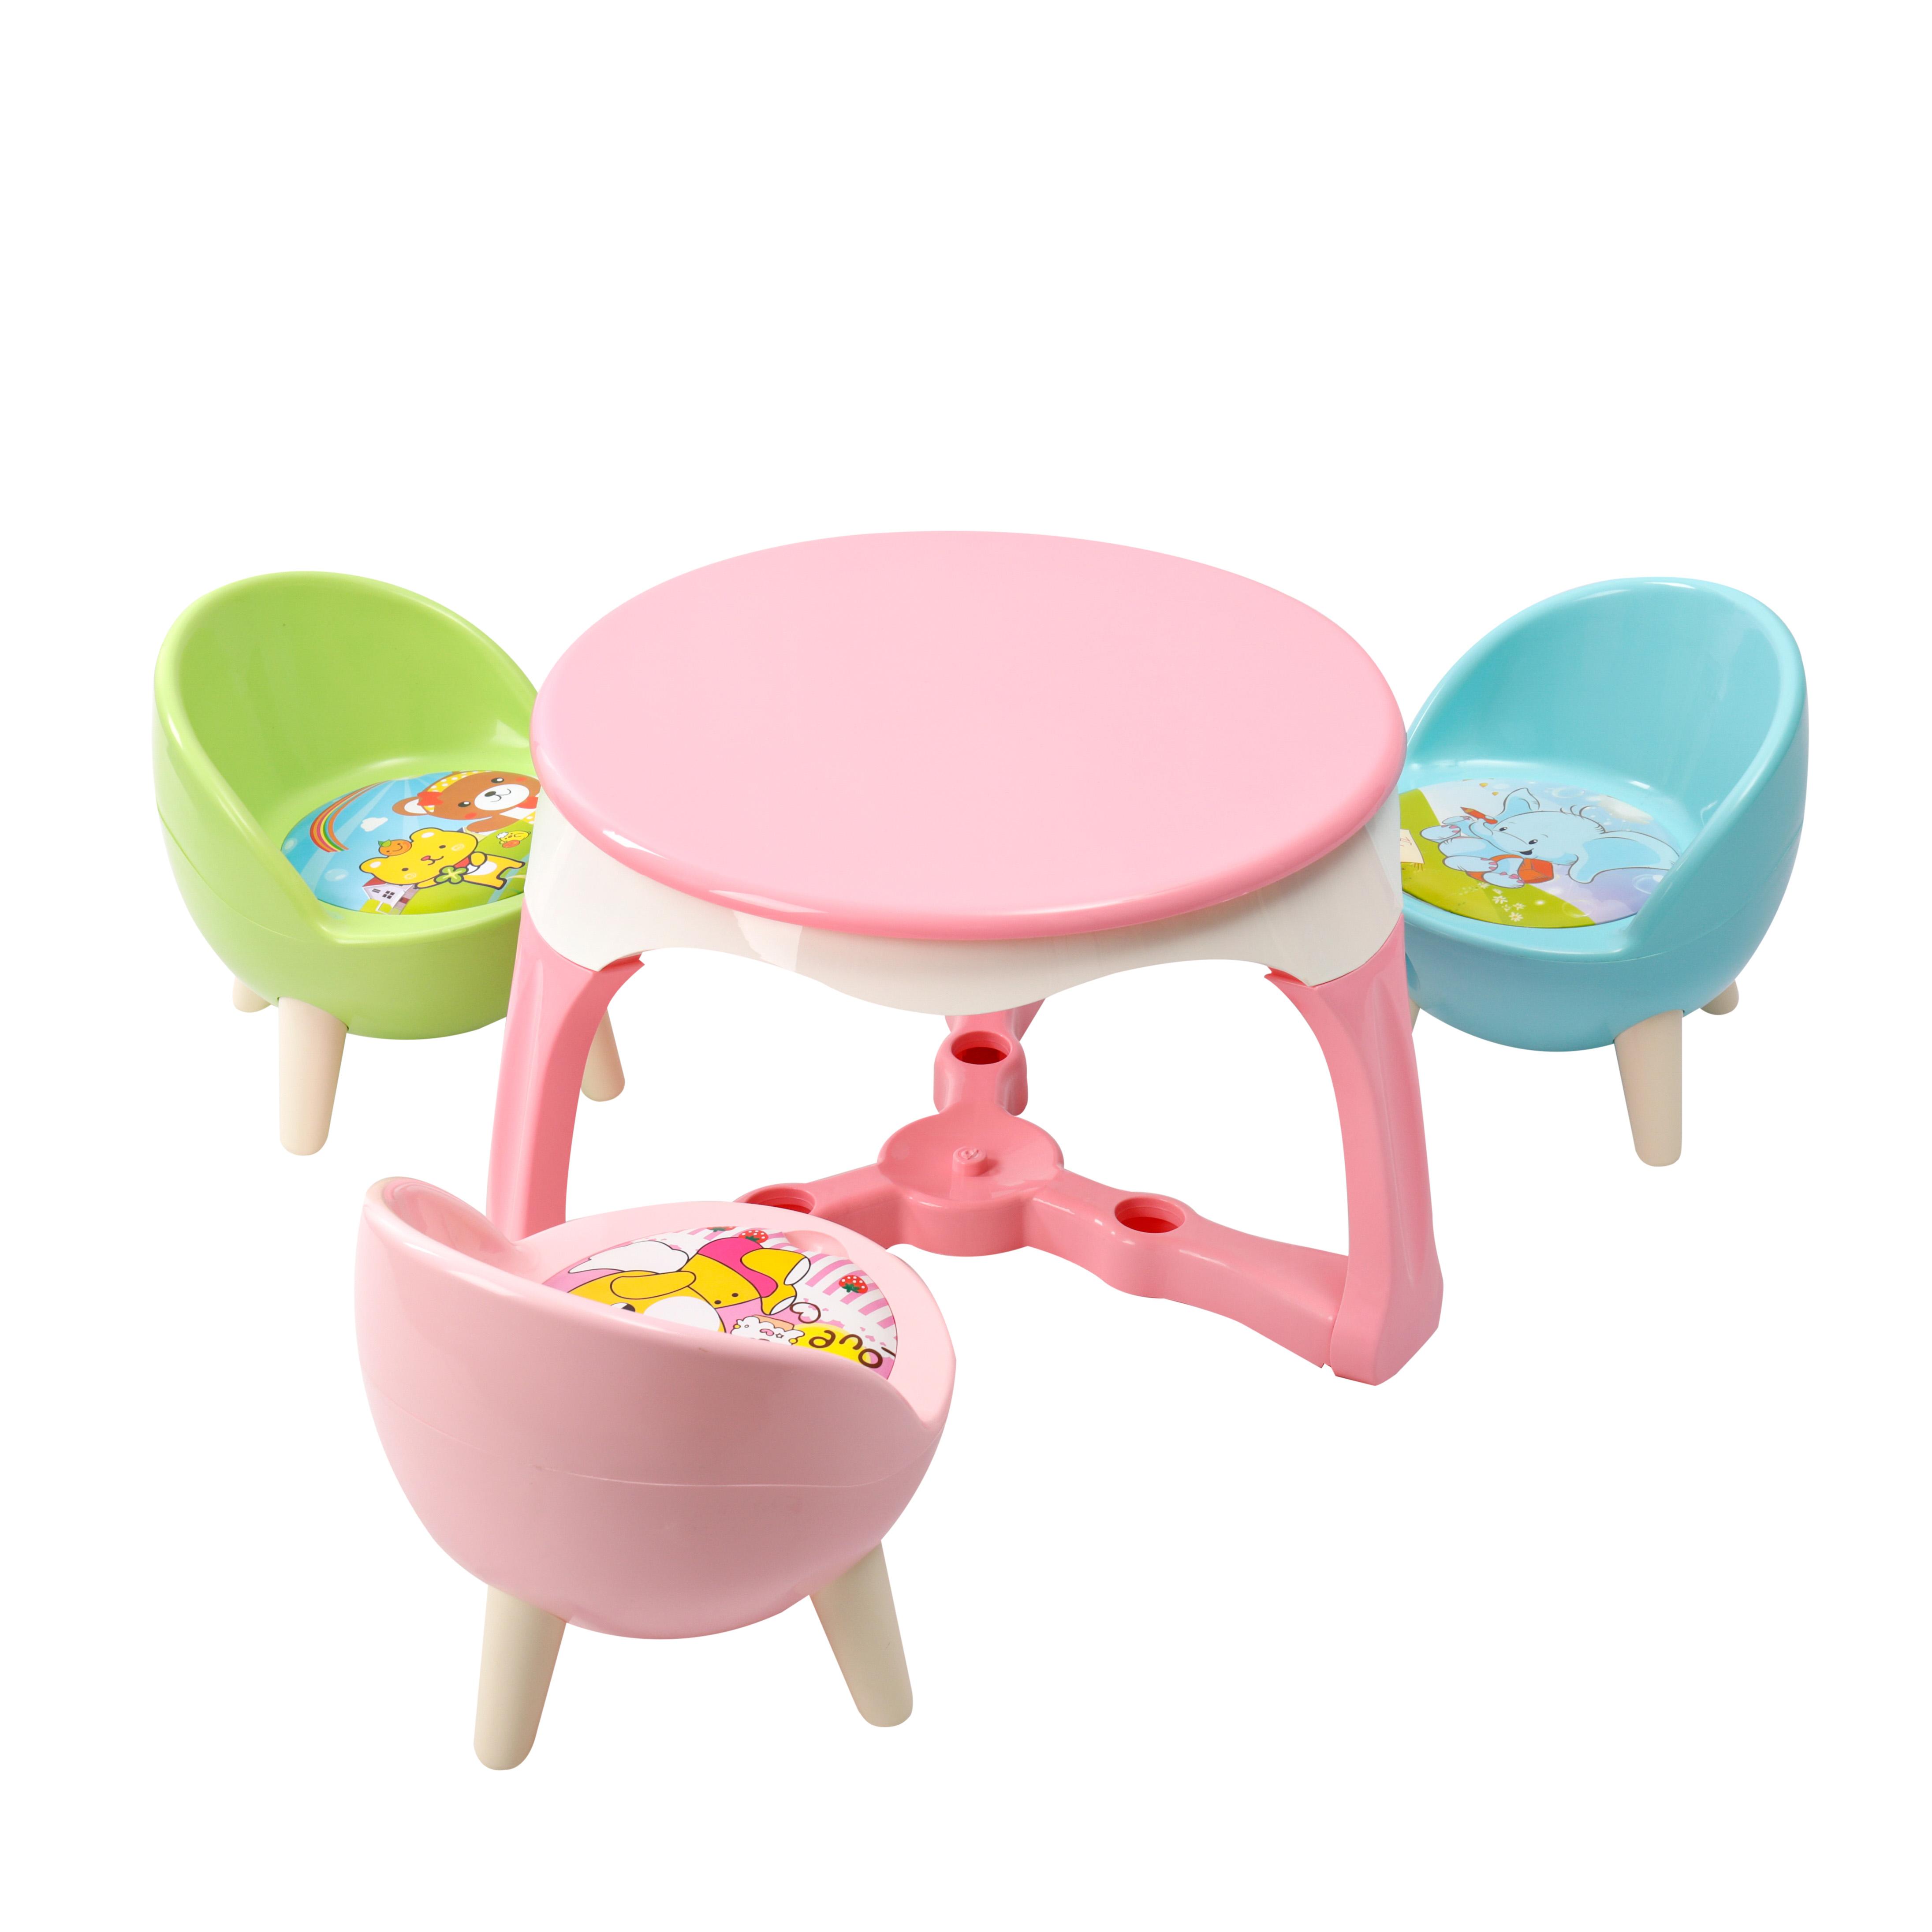 Baby Tafel Stoel.Kinderstoel Genoemd Stoel Stoel Baby Mini Cartoon Kruk Kind Eetkamerstoel Plastic Tafel En Stoel Set Thuis